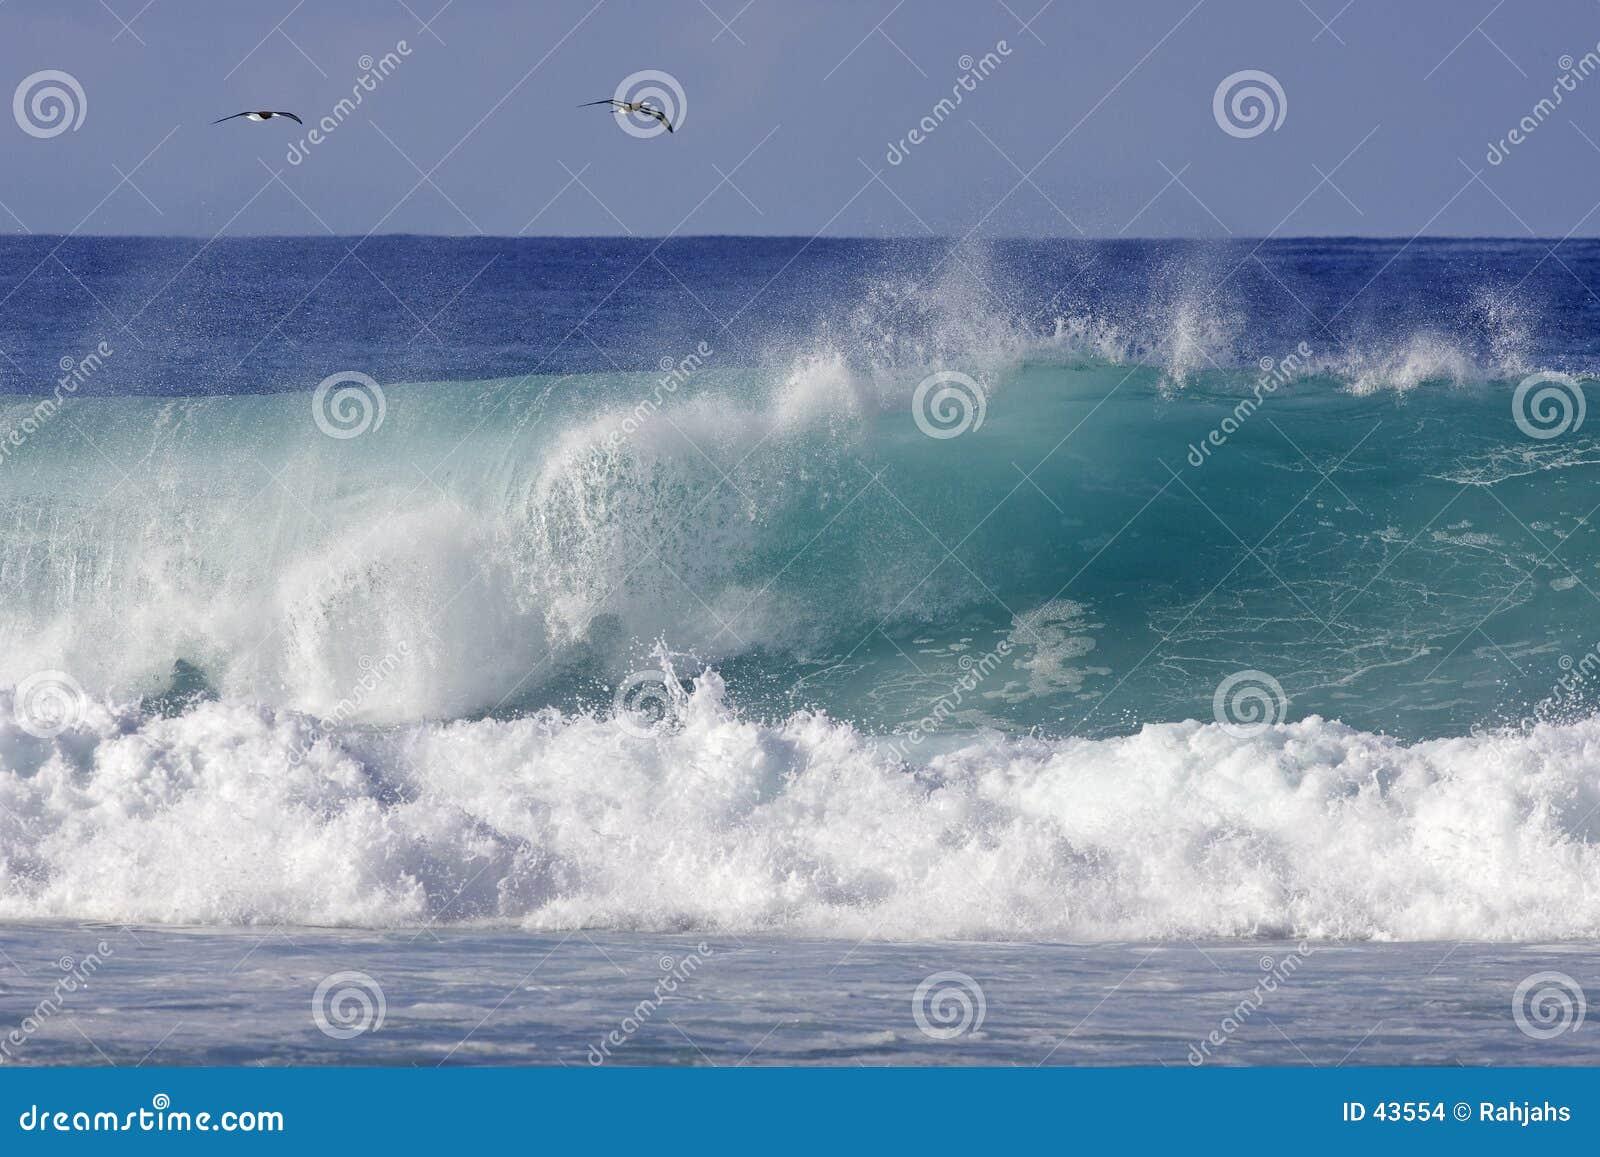 Download Zwei Vögel und eine Welle stockfoto. Bild von tropisch, küste - 43554